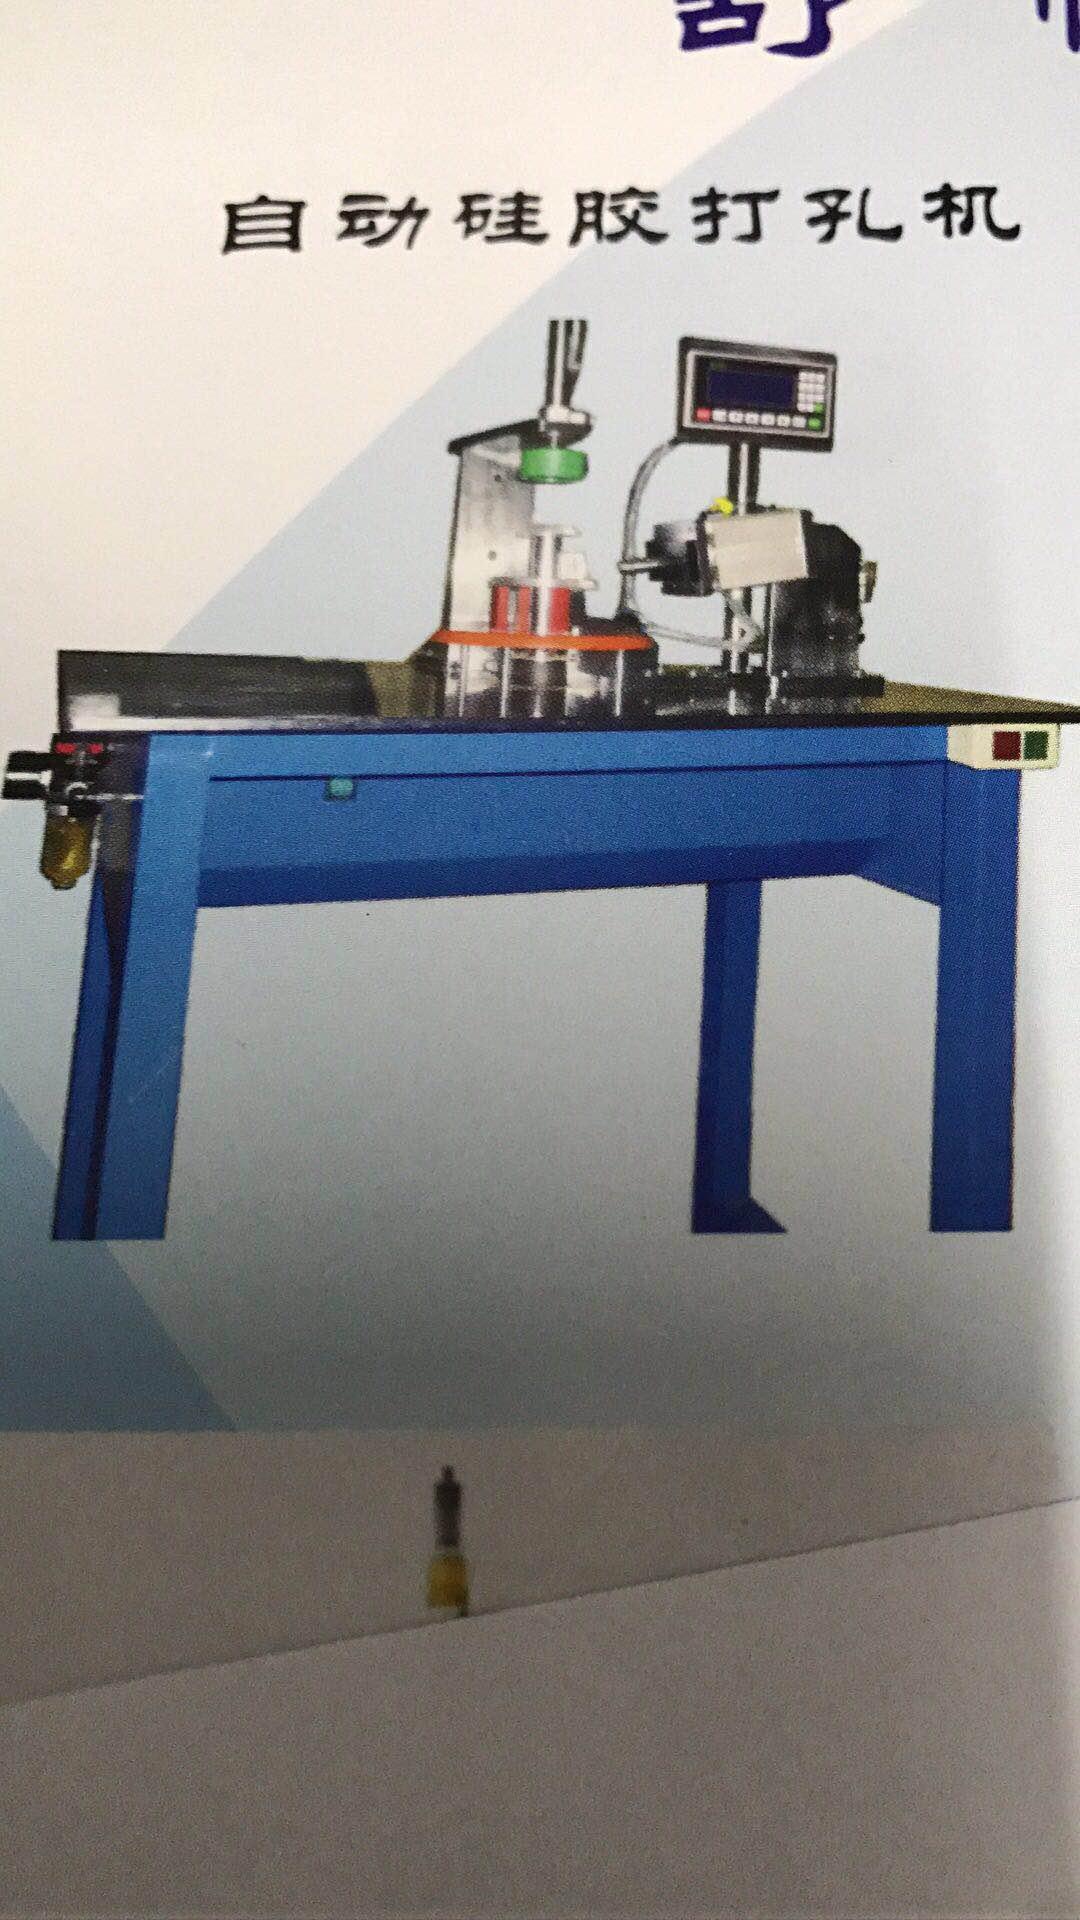 朔州自动硅胶打孔机